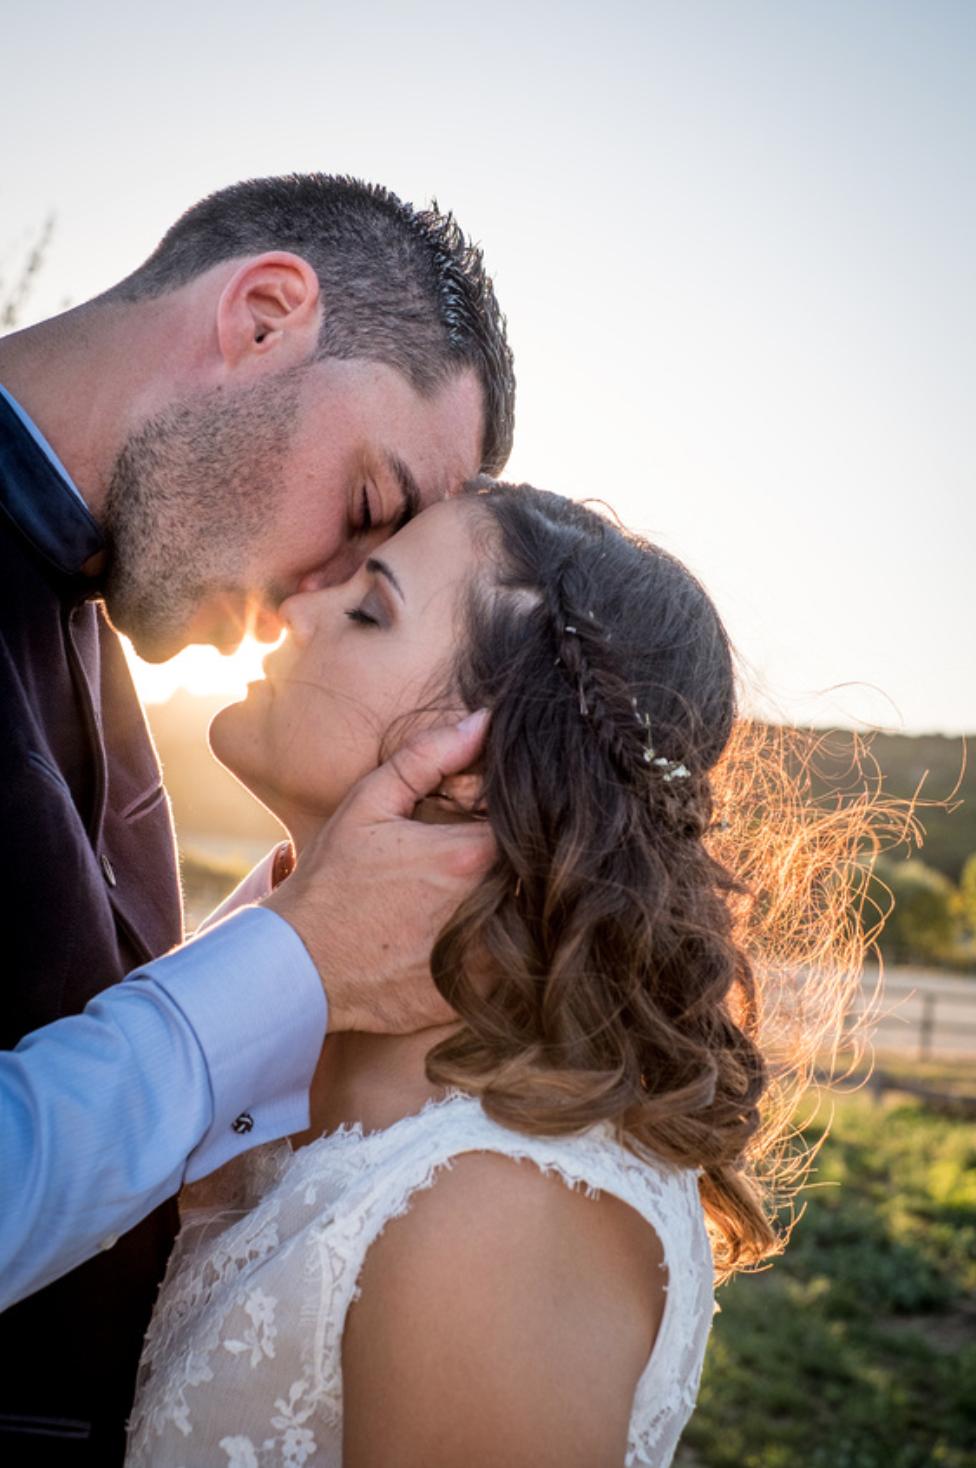 Le mariage au sud - D'Audrey et Olivier